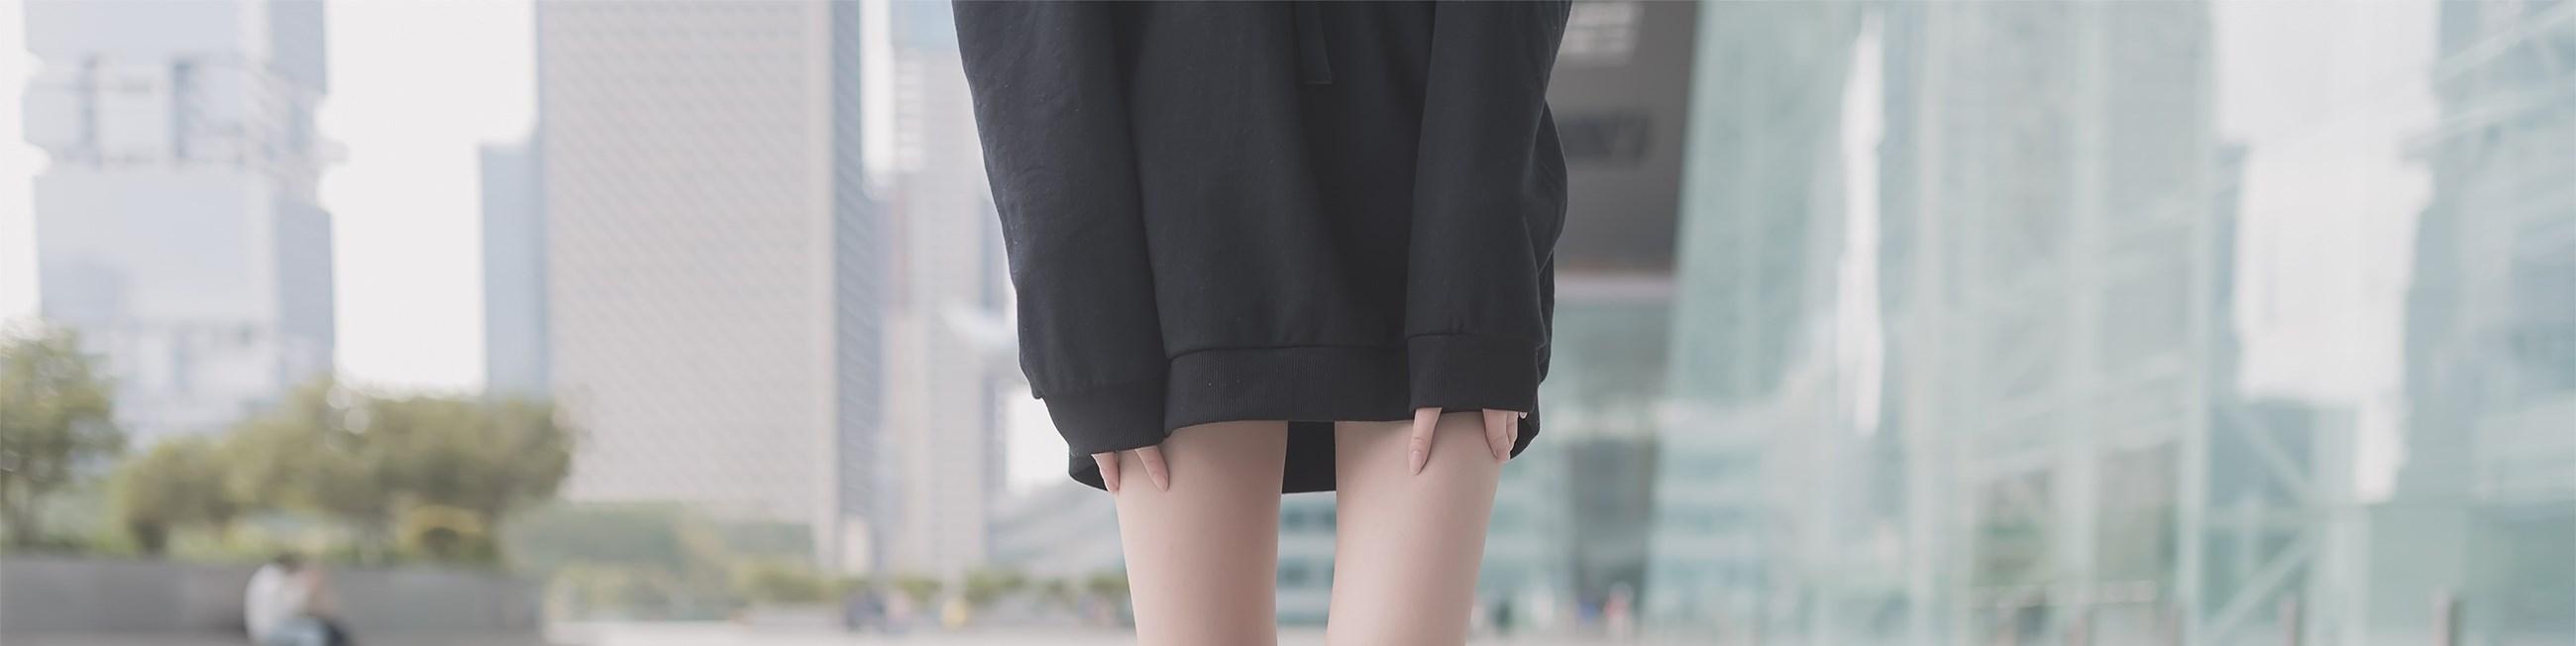 【兔玩映画】令人羡慕的小细腿 兔玩映画 第31张